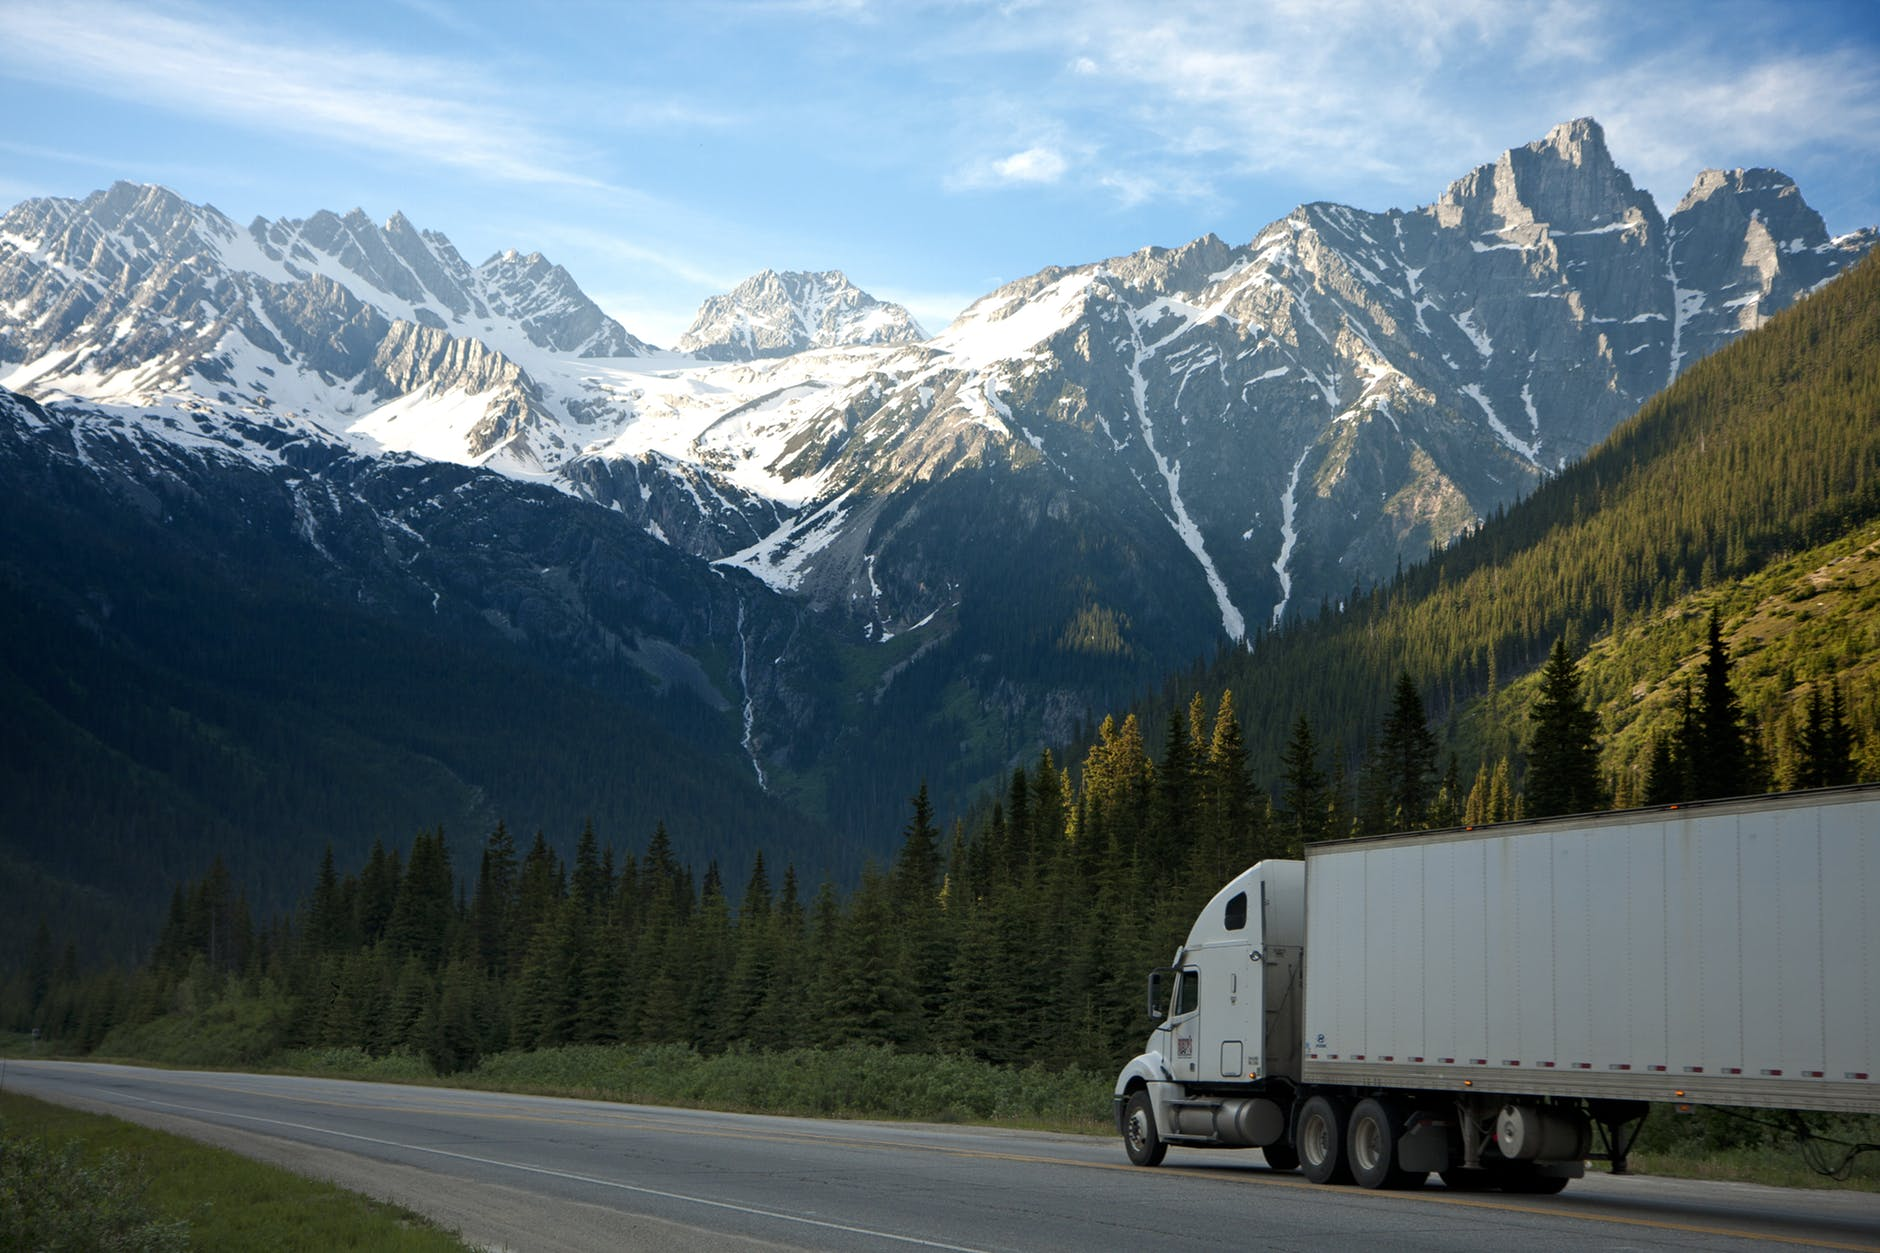 truck driving mountains.jpeg